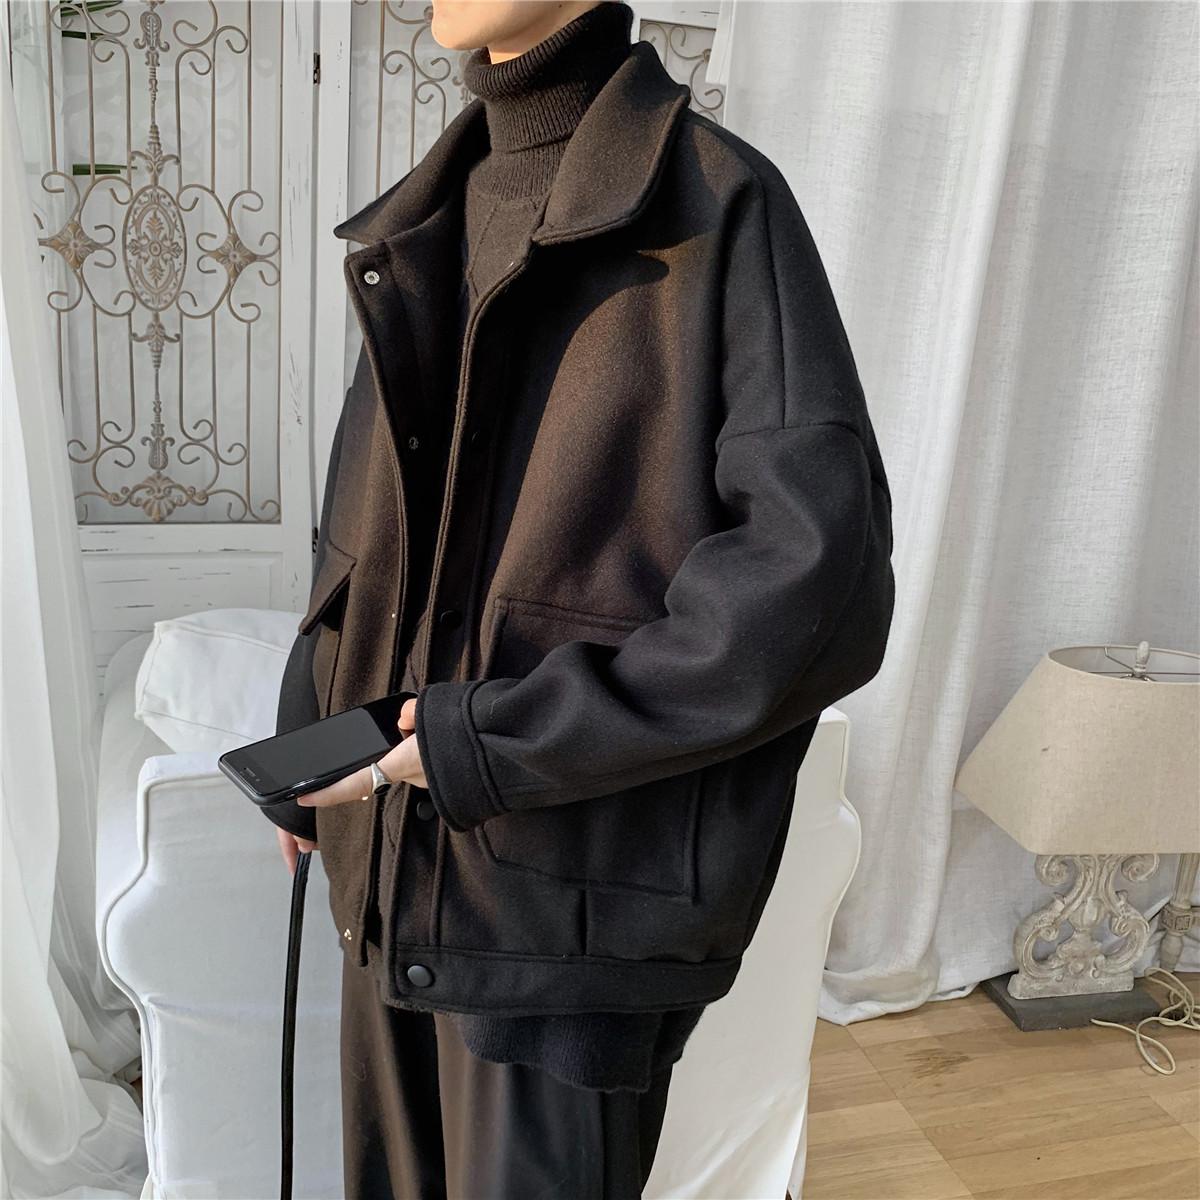 旋律风车自制翻领夹克男春季新款工装外套韩版宽松休闲加厚上衣潮